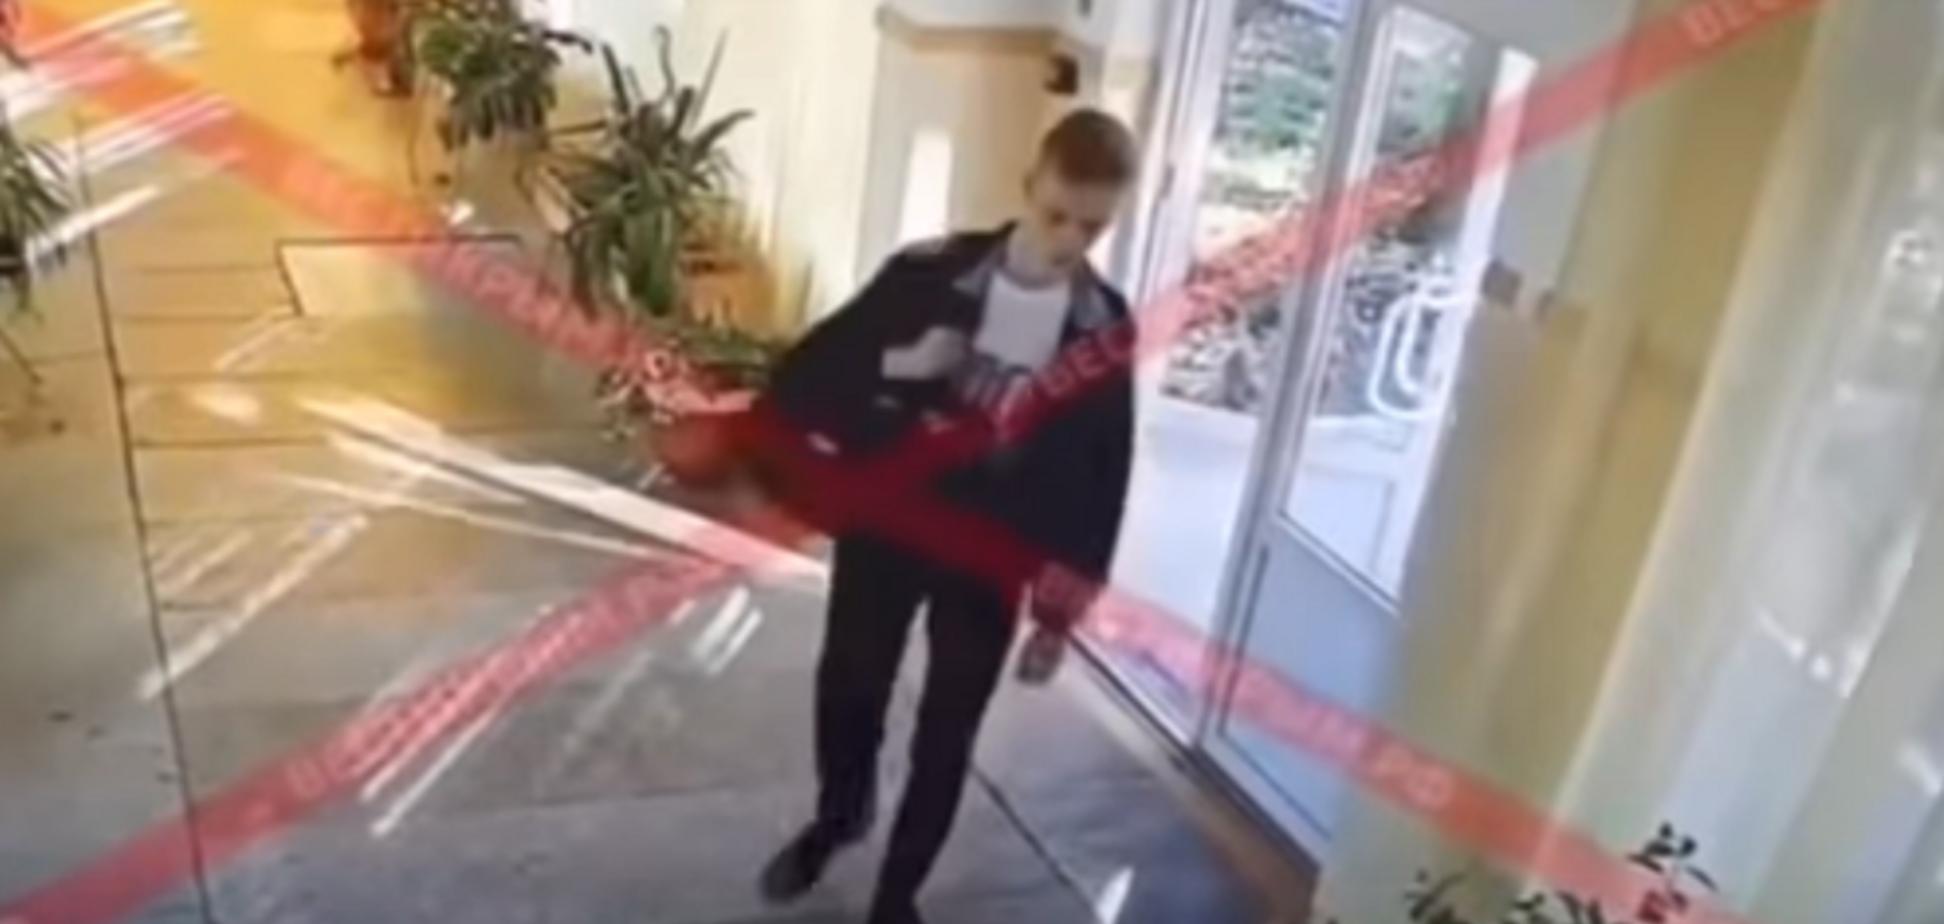 Замітають сліди? РосЗМІ видалили резонансне відео з ''керченським стрілком''